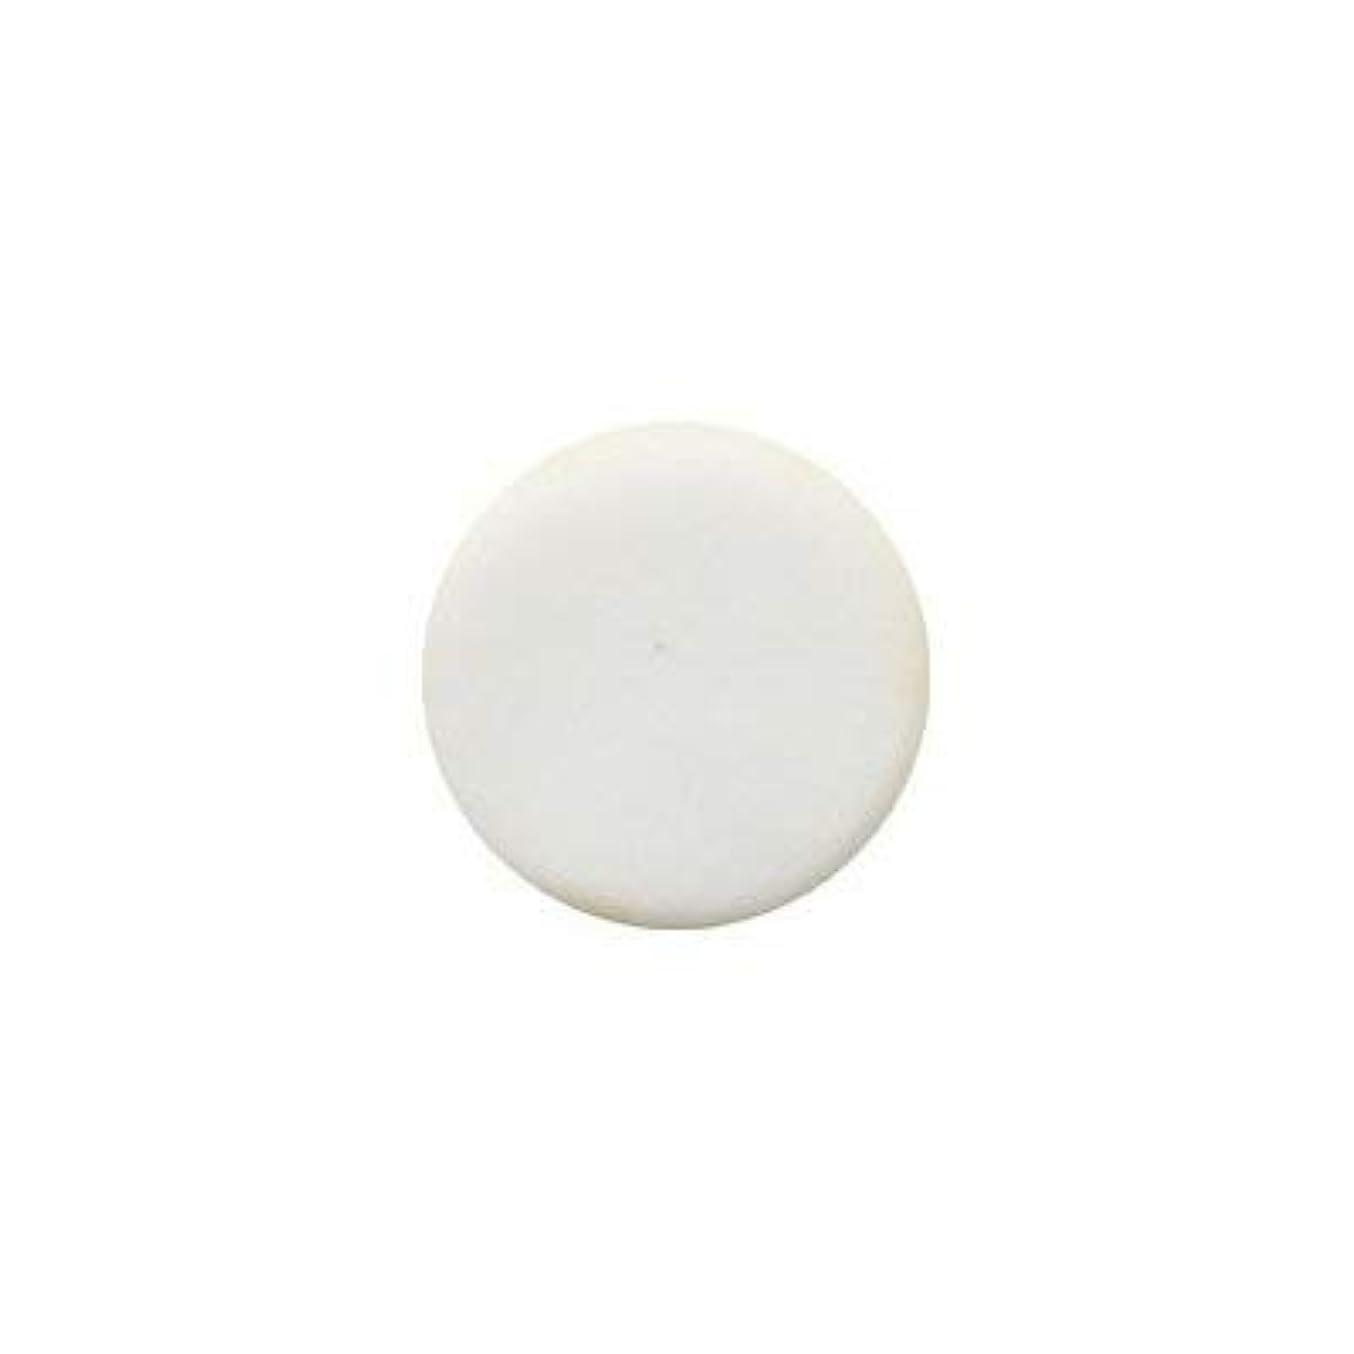 ブロッサムサイト封筒ミラージュ パウダー スペリオールシリーズ S/P ホワイト 14.5g